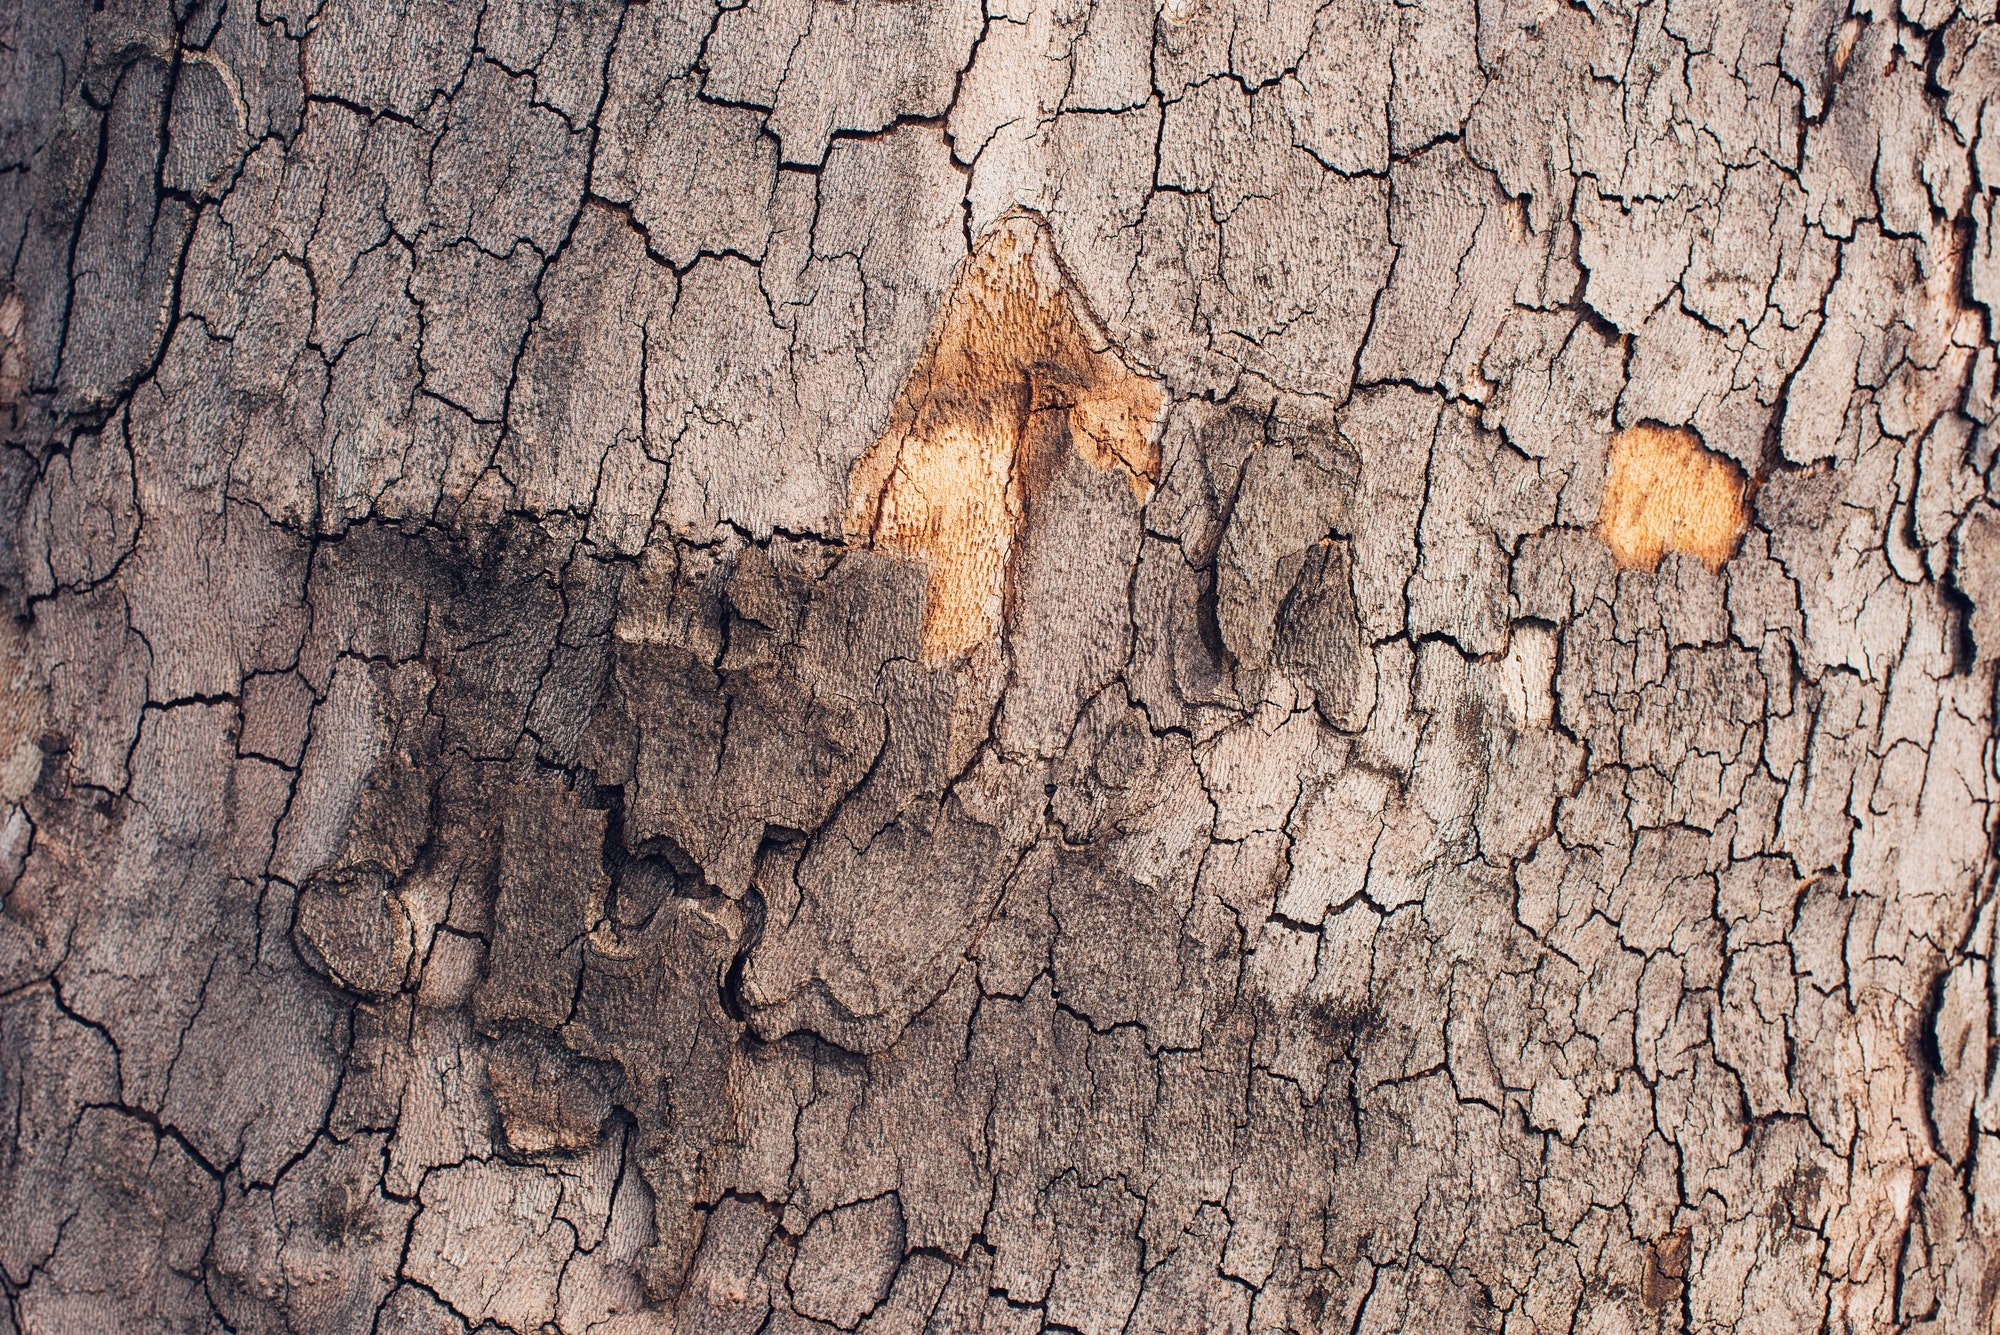 Maple tree bark crust